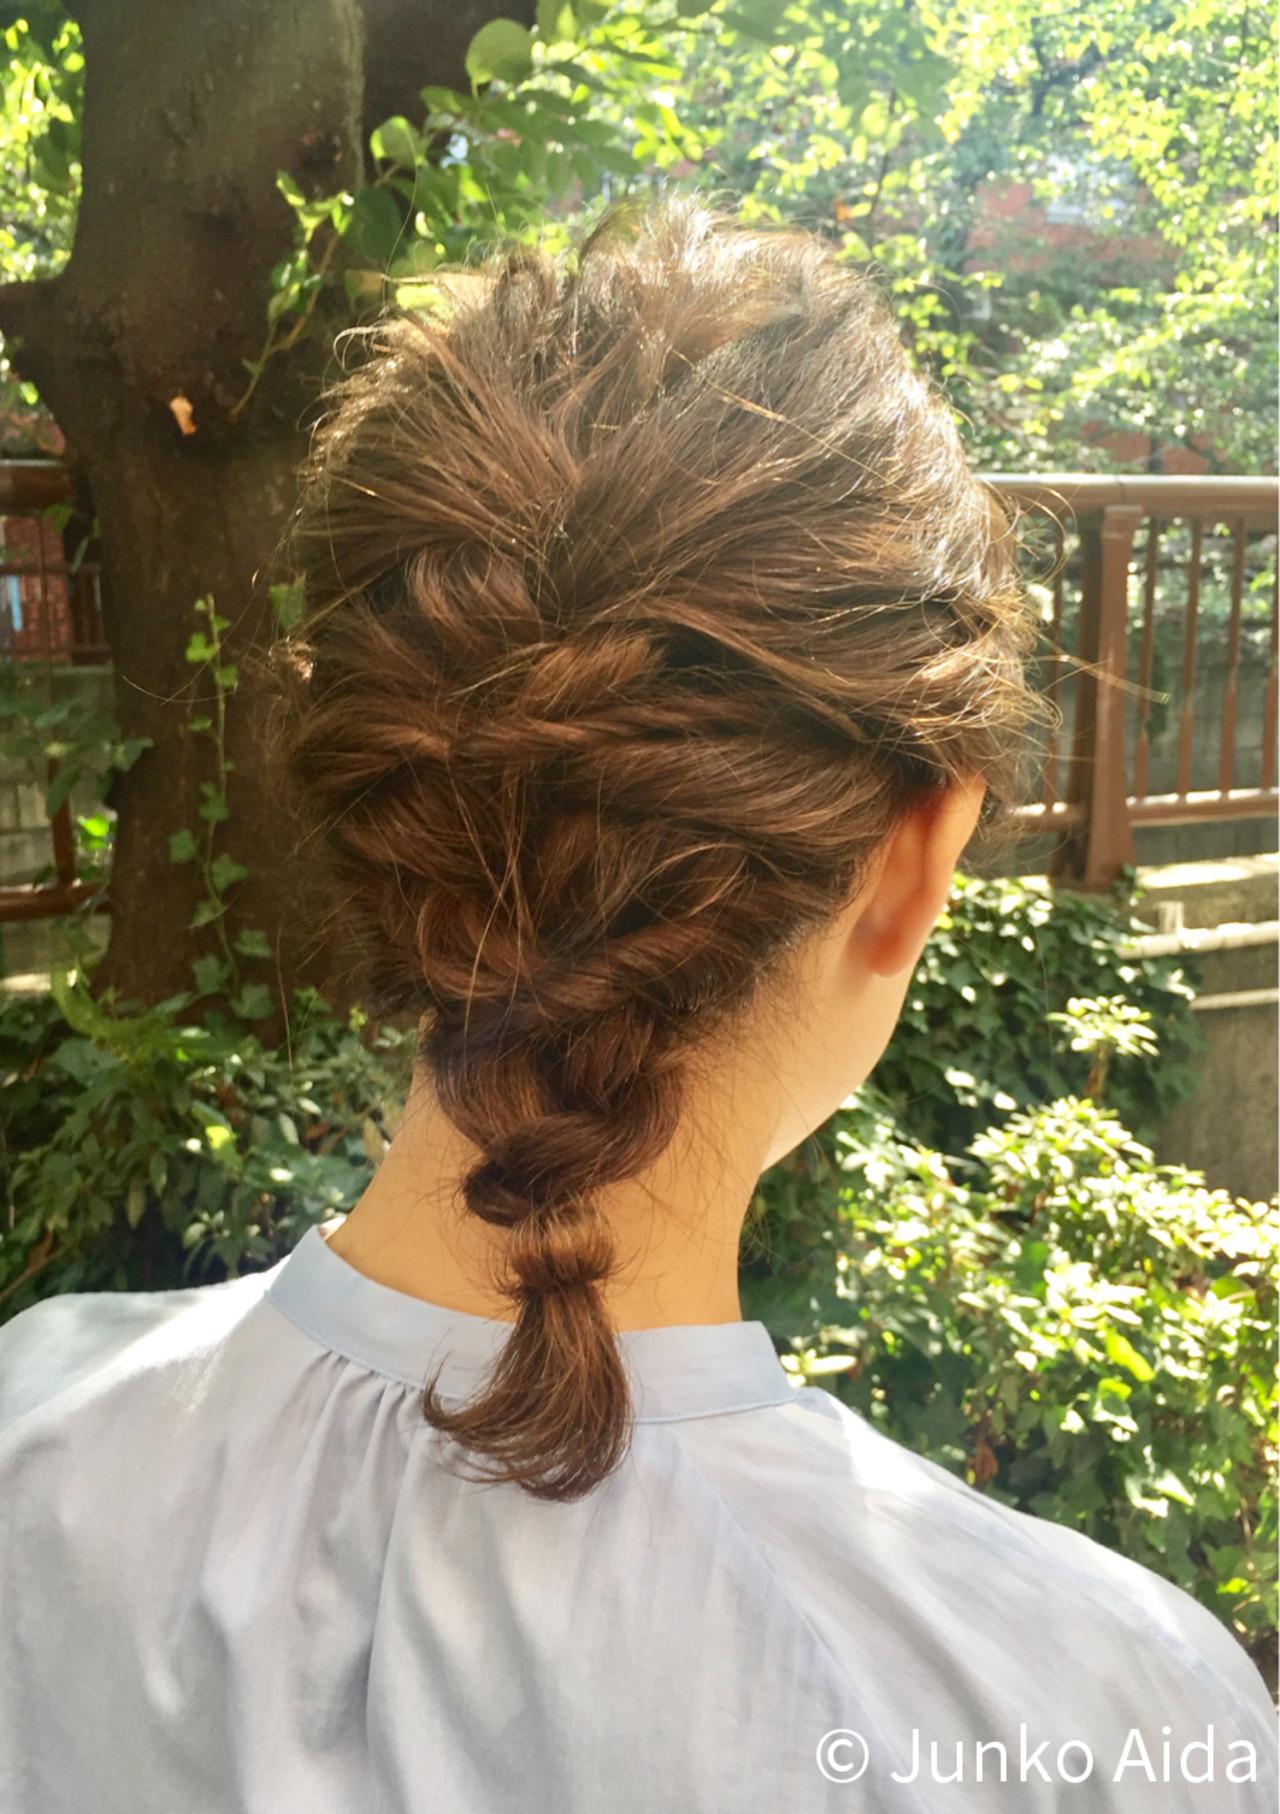 アップのヘアアレンジでかわいくなる♡レングス別にご紹介します!の12枚目の画像